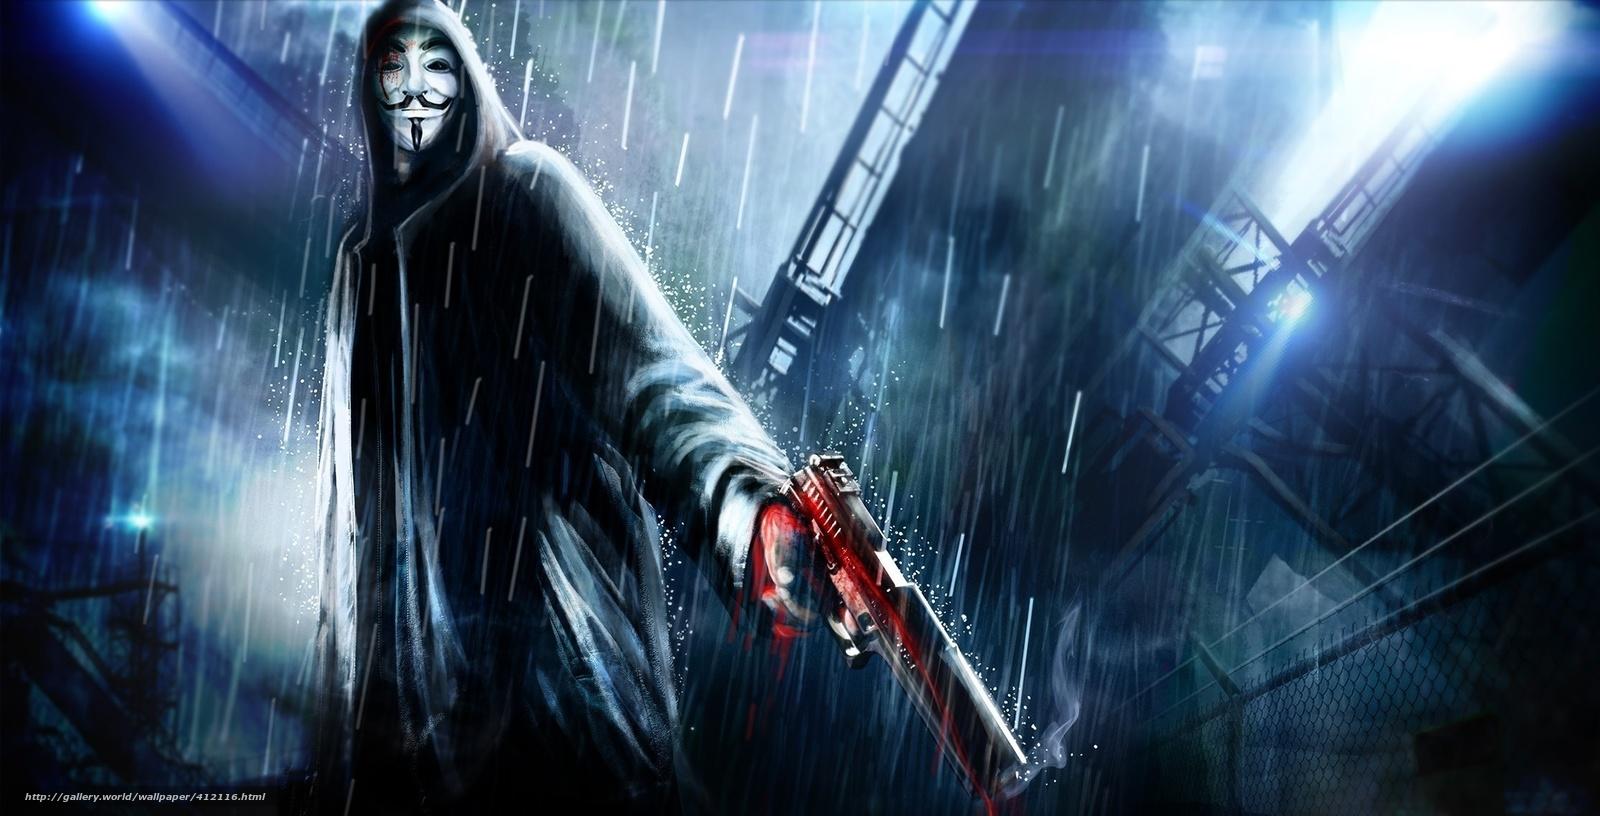 Descargar gratis V de Vendetta,  pelcula,  Arte,  imagen Fondos de escritorio en la resolucin 2319x1183 — imagen №412116